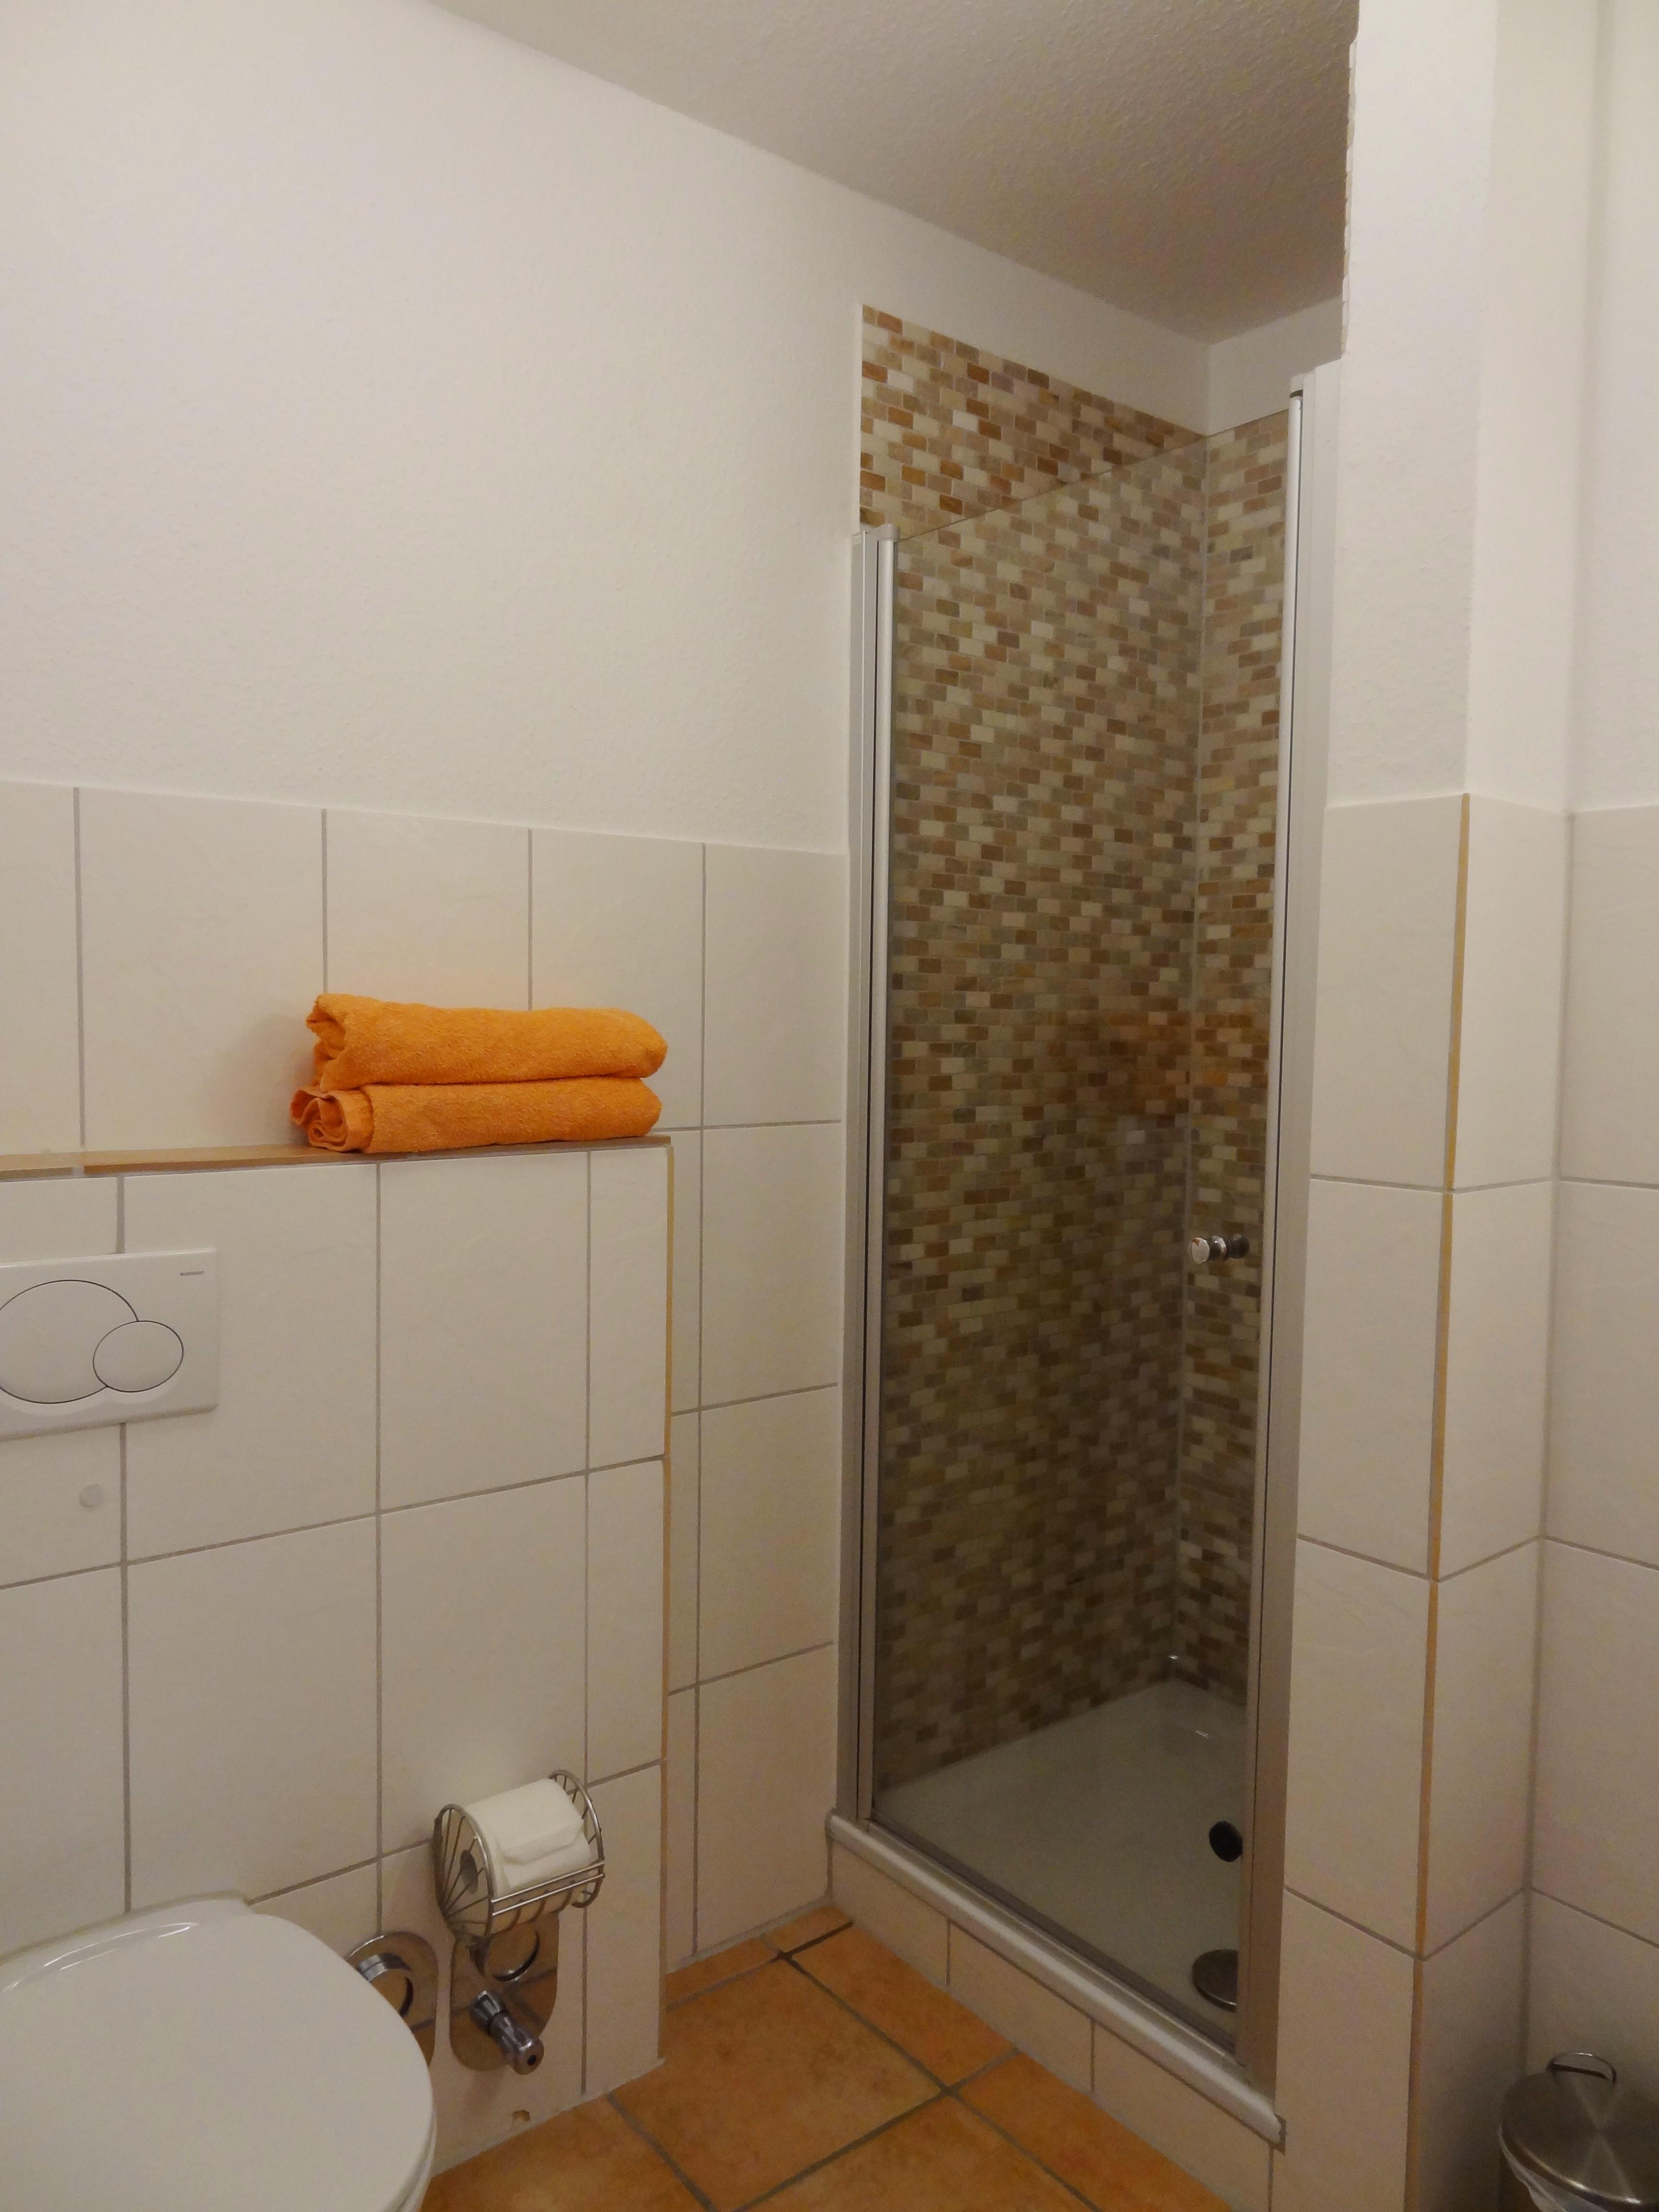 Badezimmer mit Dusche der Ferienwohnung Hagen von Ferienwohnungen Hass auf Fehmarn